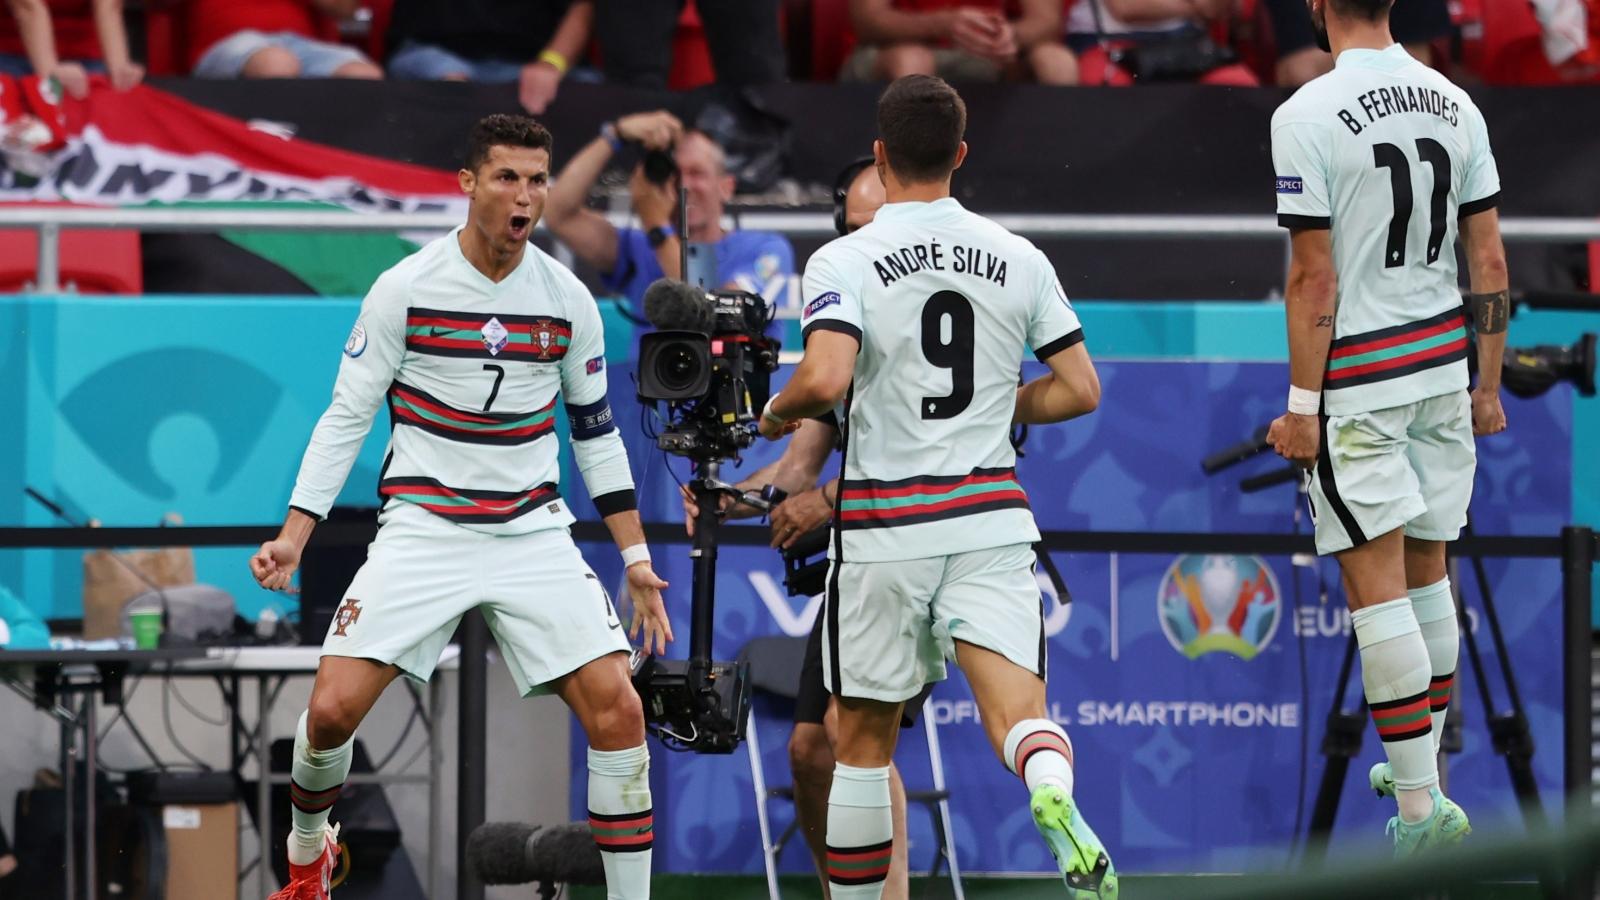 Bảng xếp hạng EURO 2021 mới nhất: Bồ Đào Nha dẫn đầu bảng tử thần